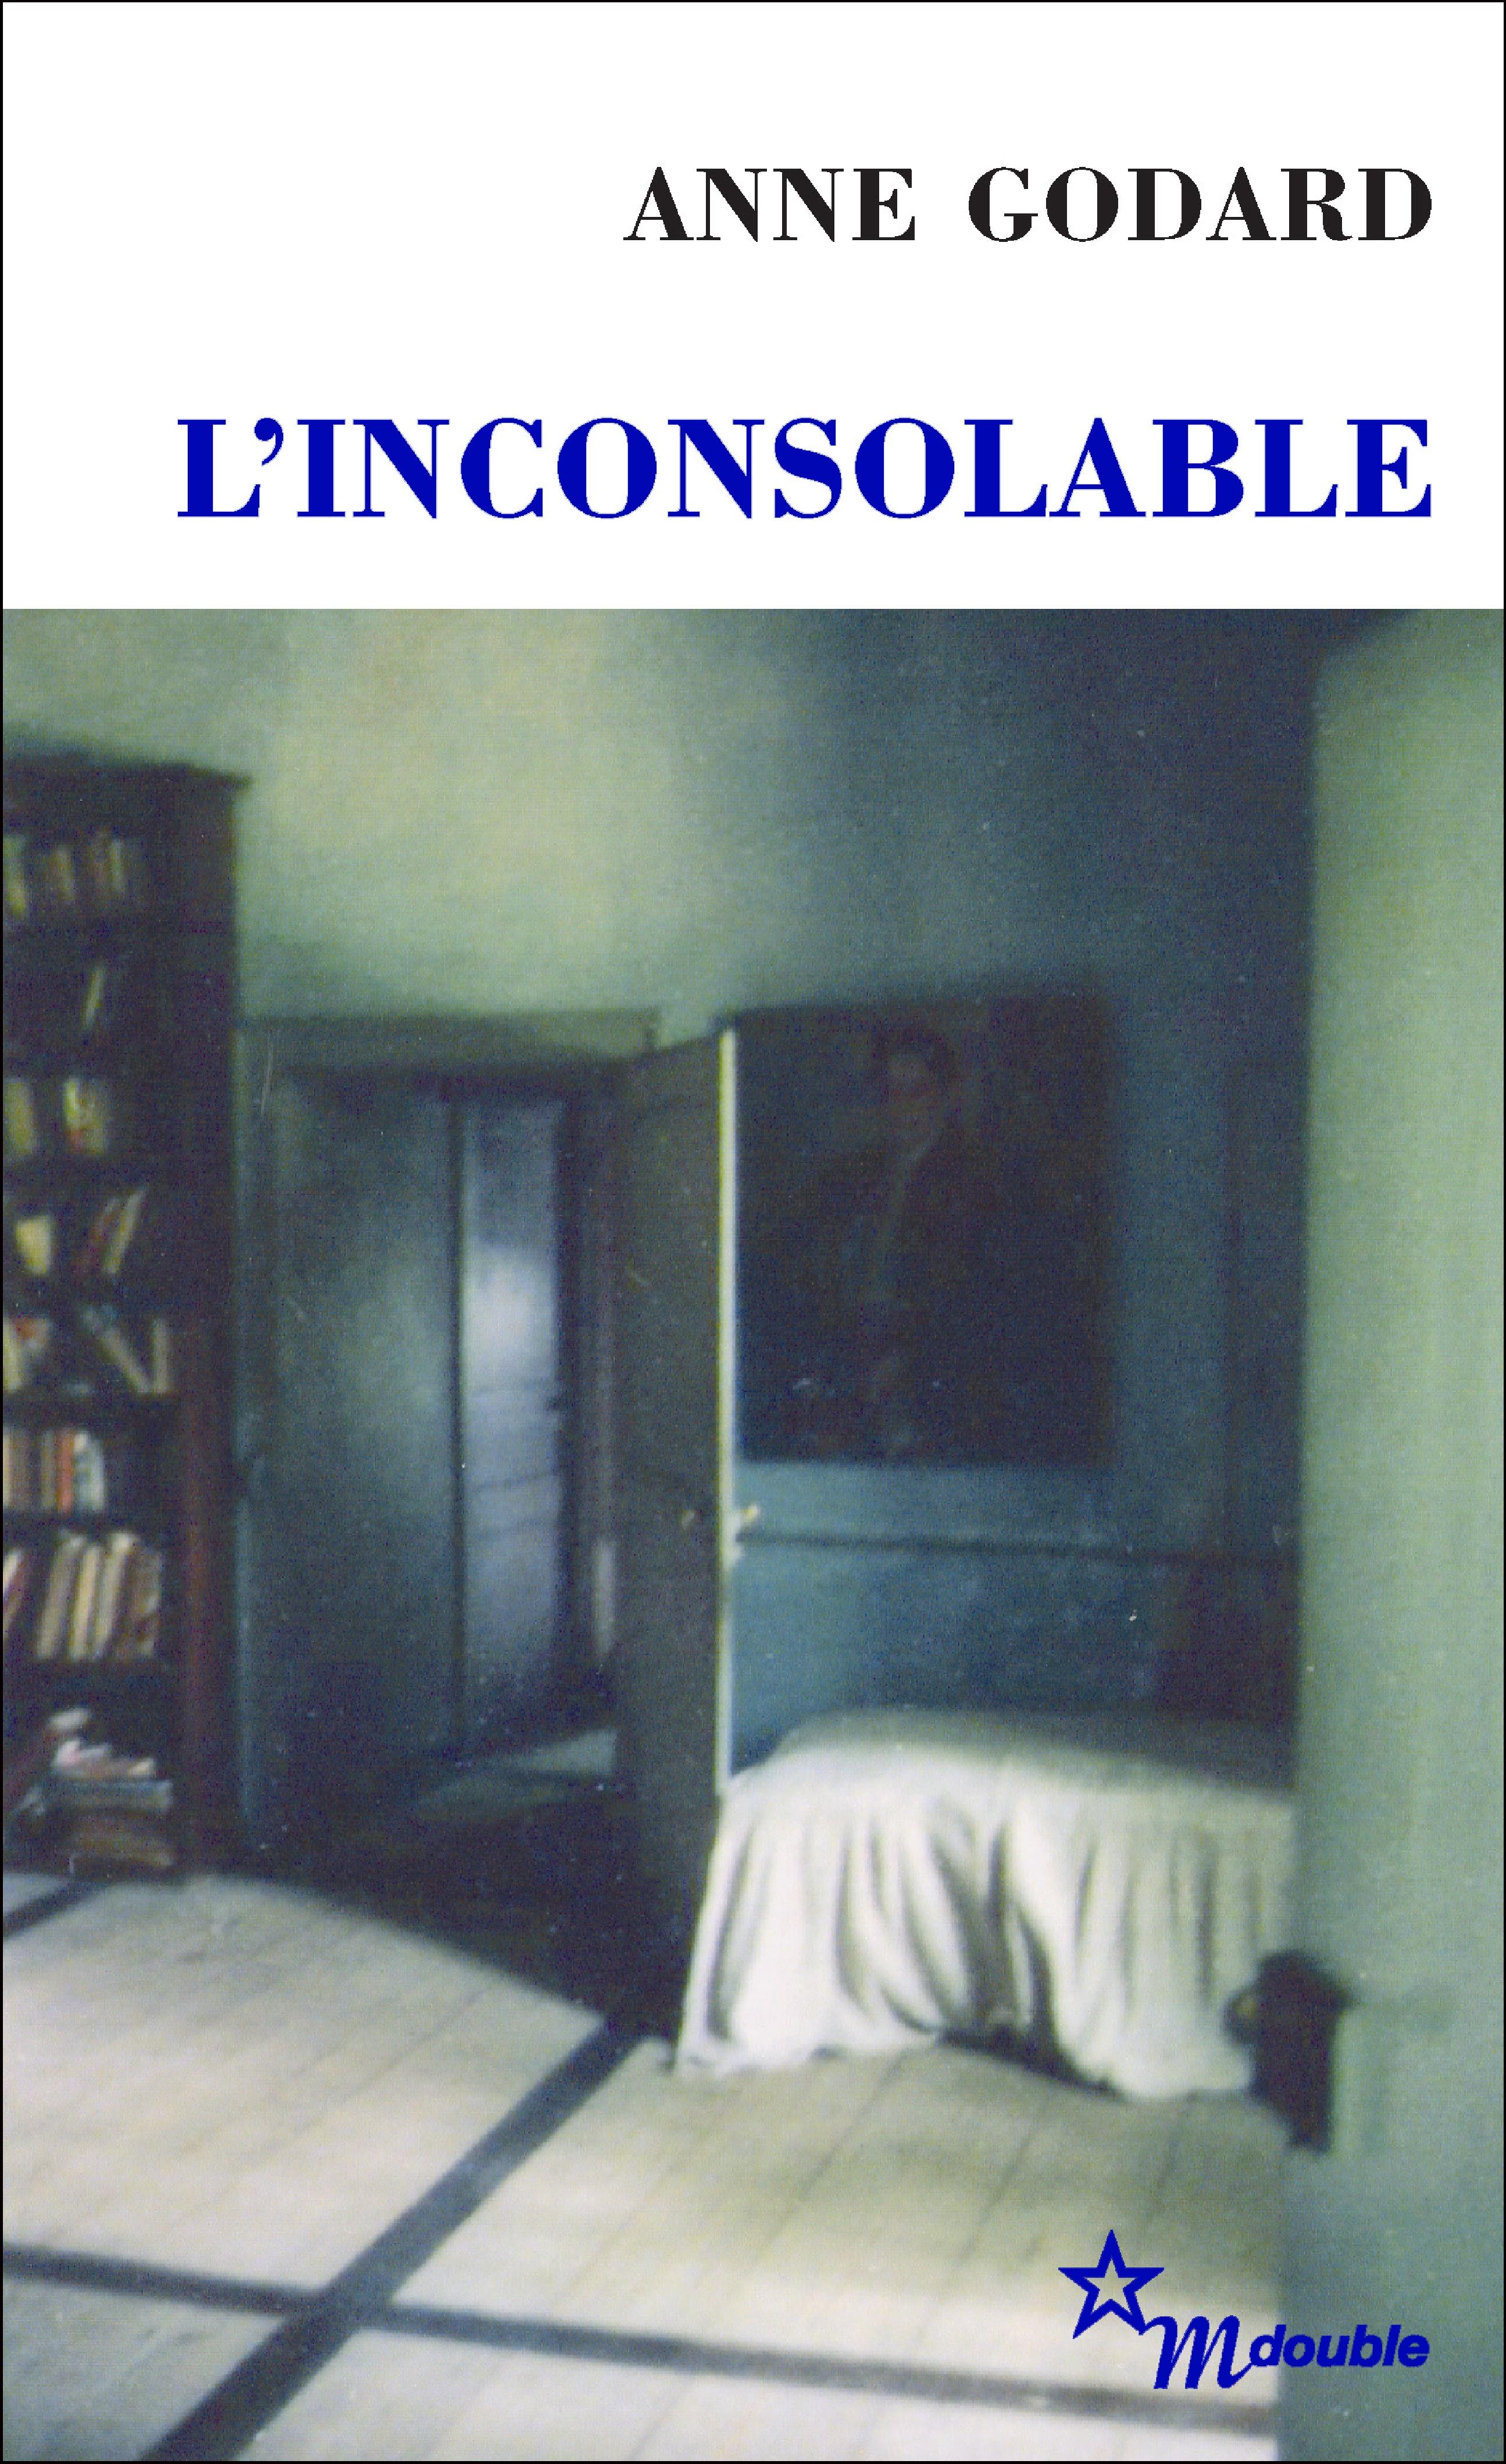 L'Inconsolable